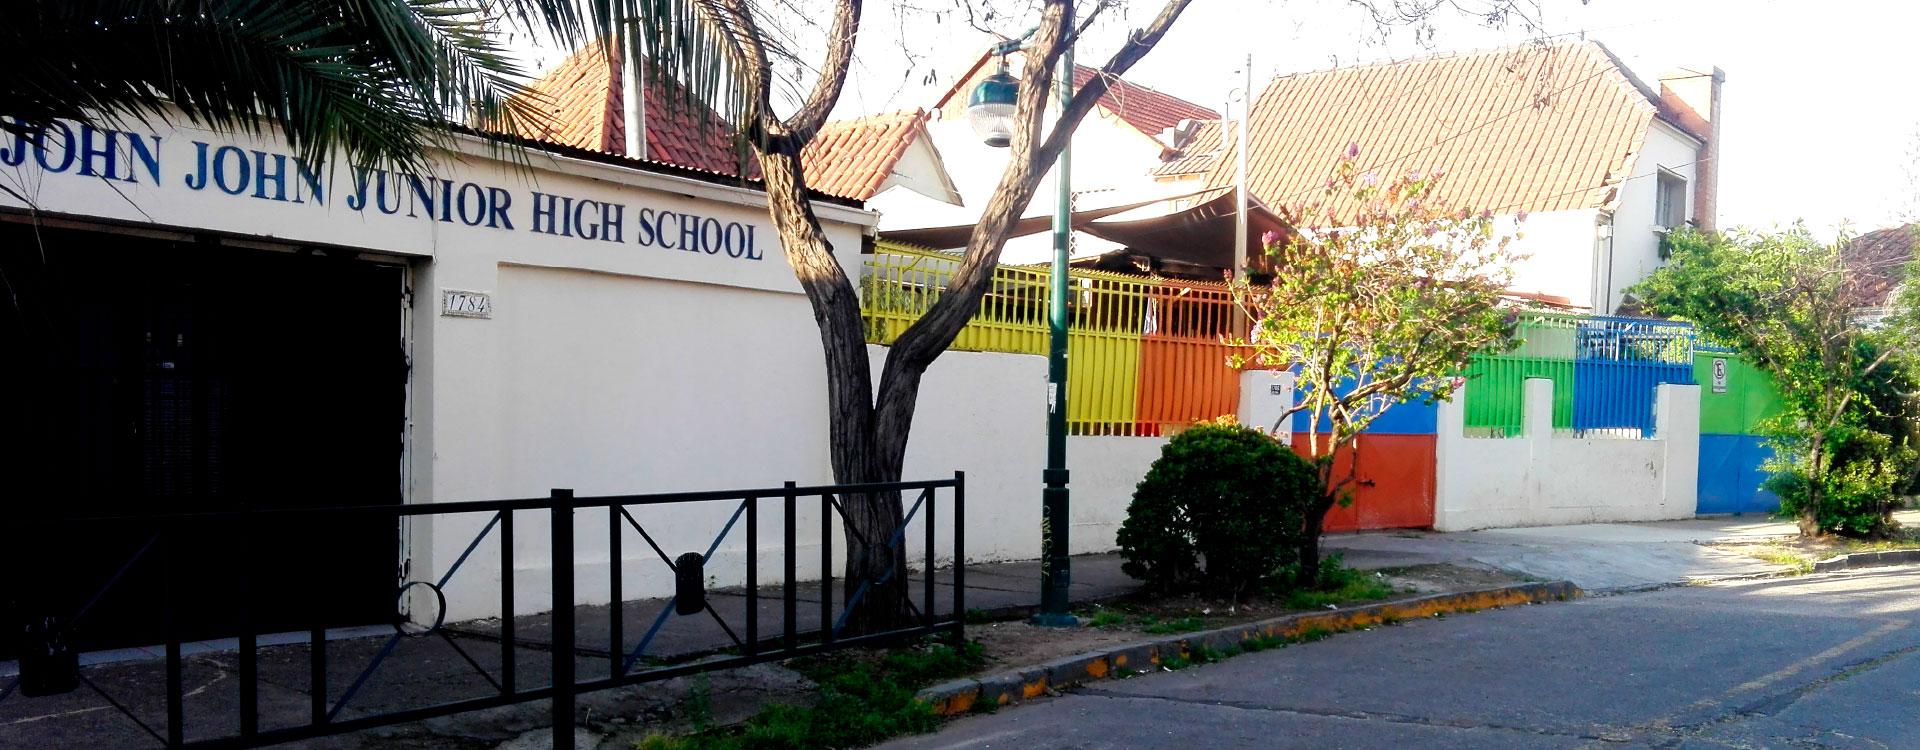 colegio-john-john-b3-8